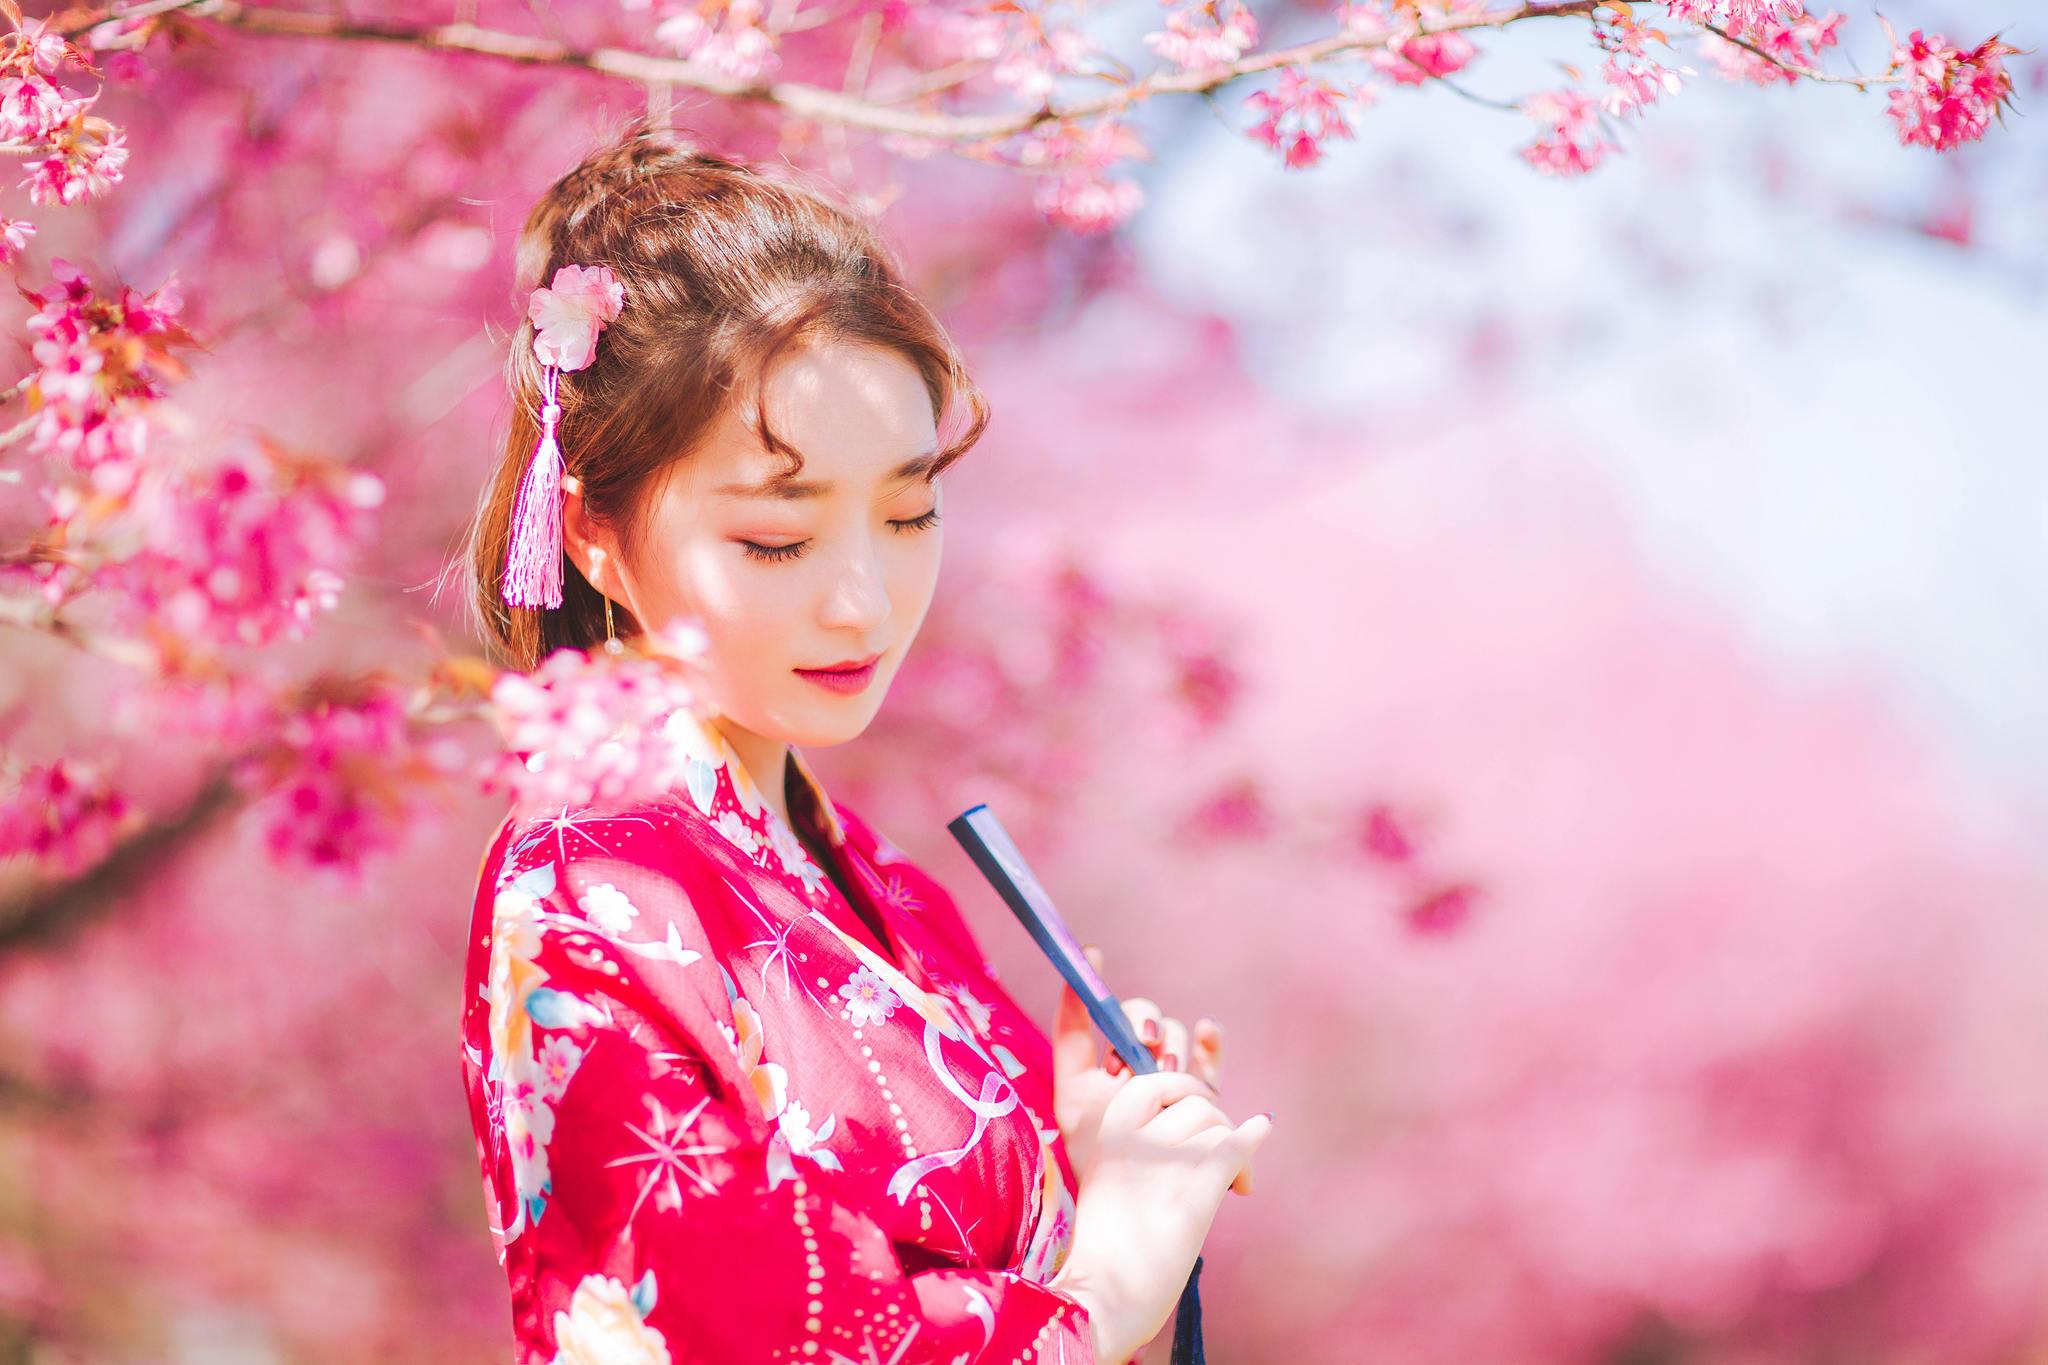 一程光阴,一朵温婉【情感美文】  -  水墨凝烟 - 花仙子的博客 .